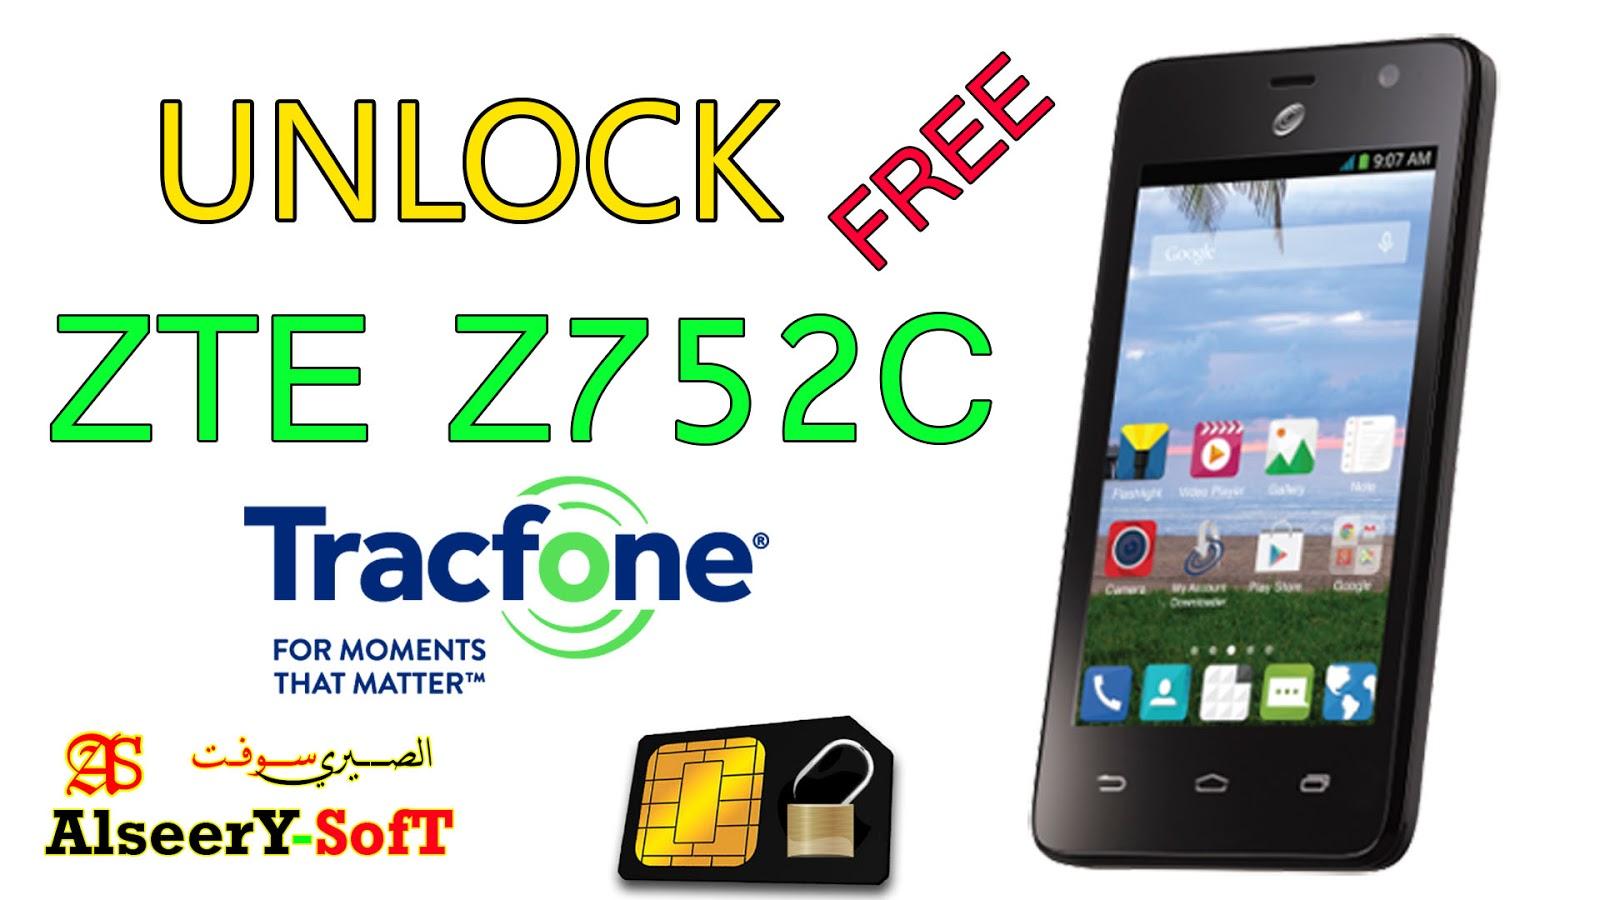 Unlock ZTE Z752C TRACFONE - AlseerY SofT